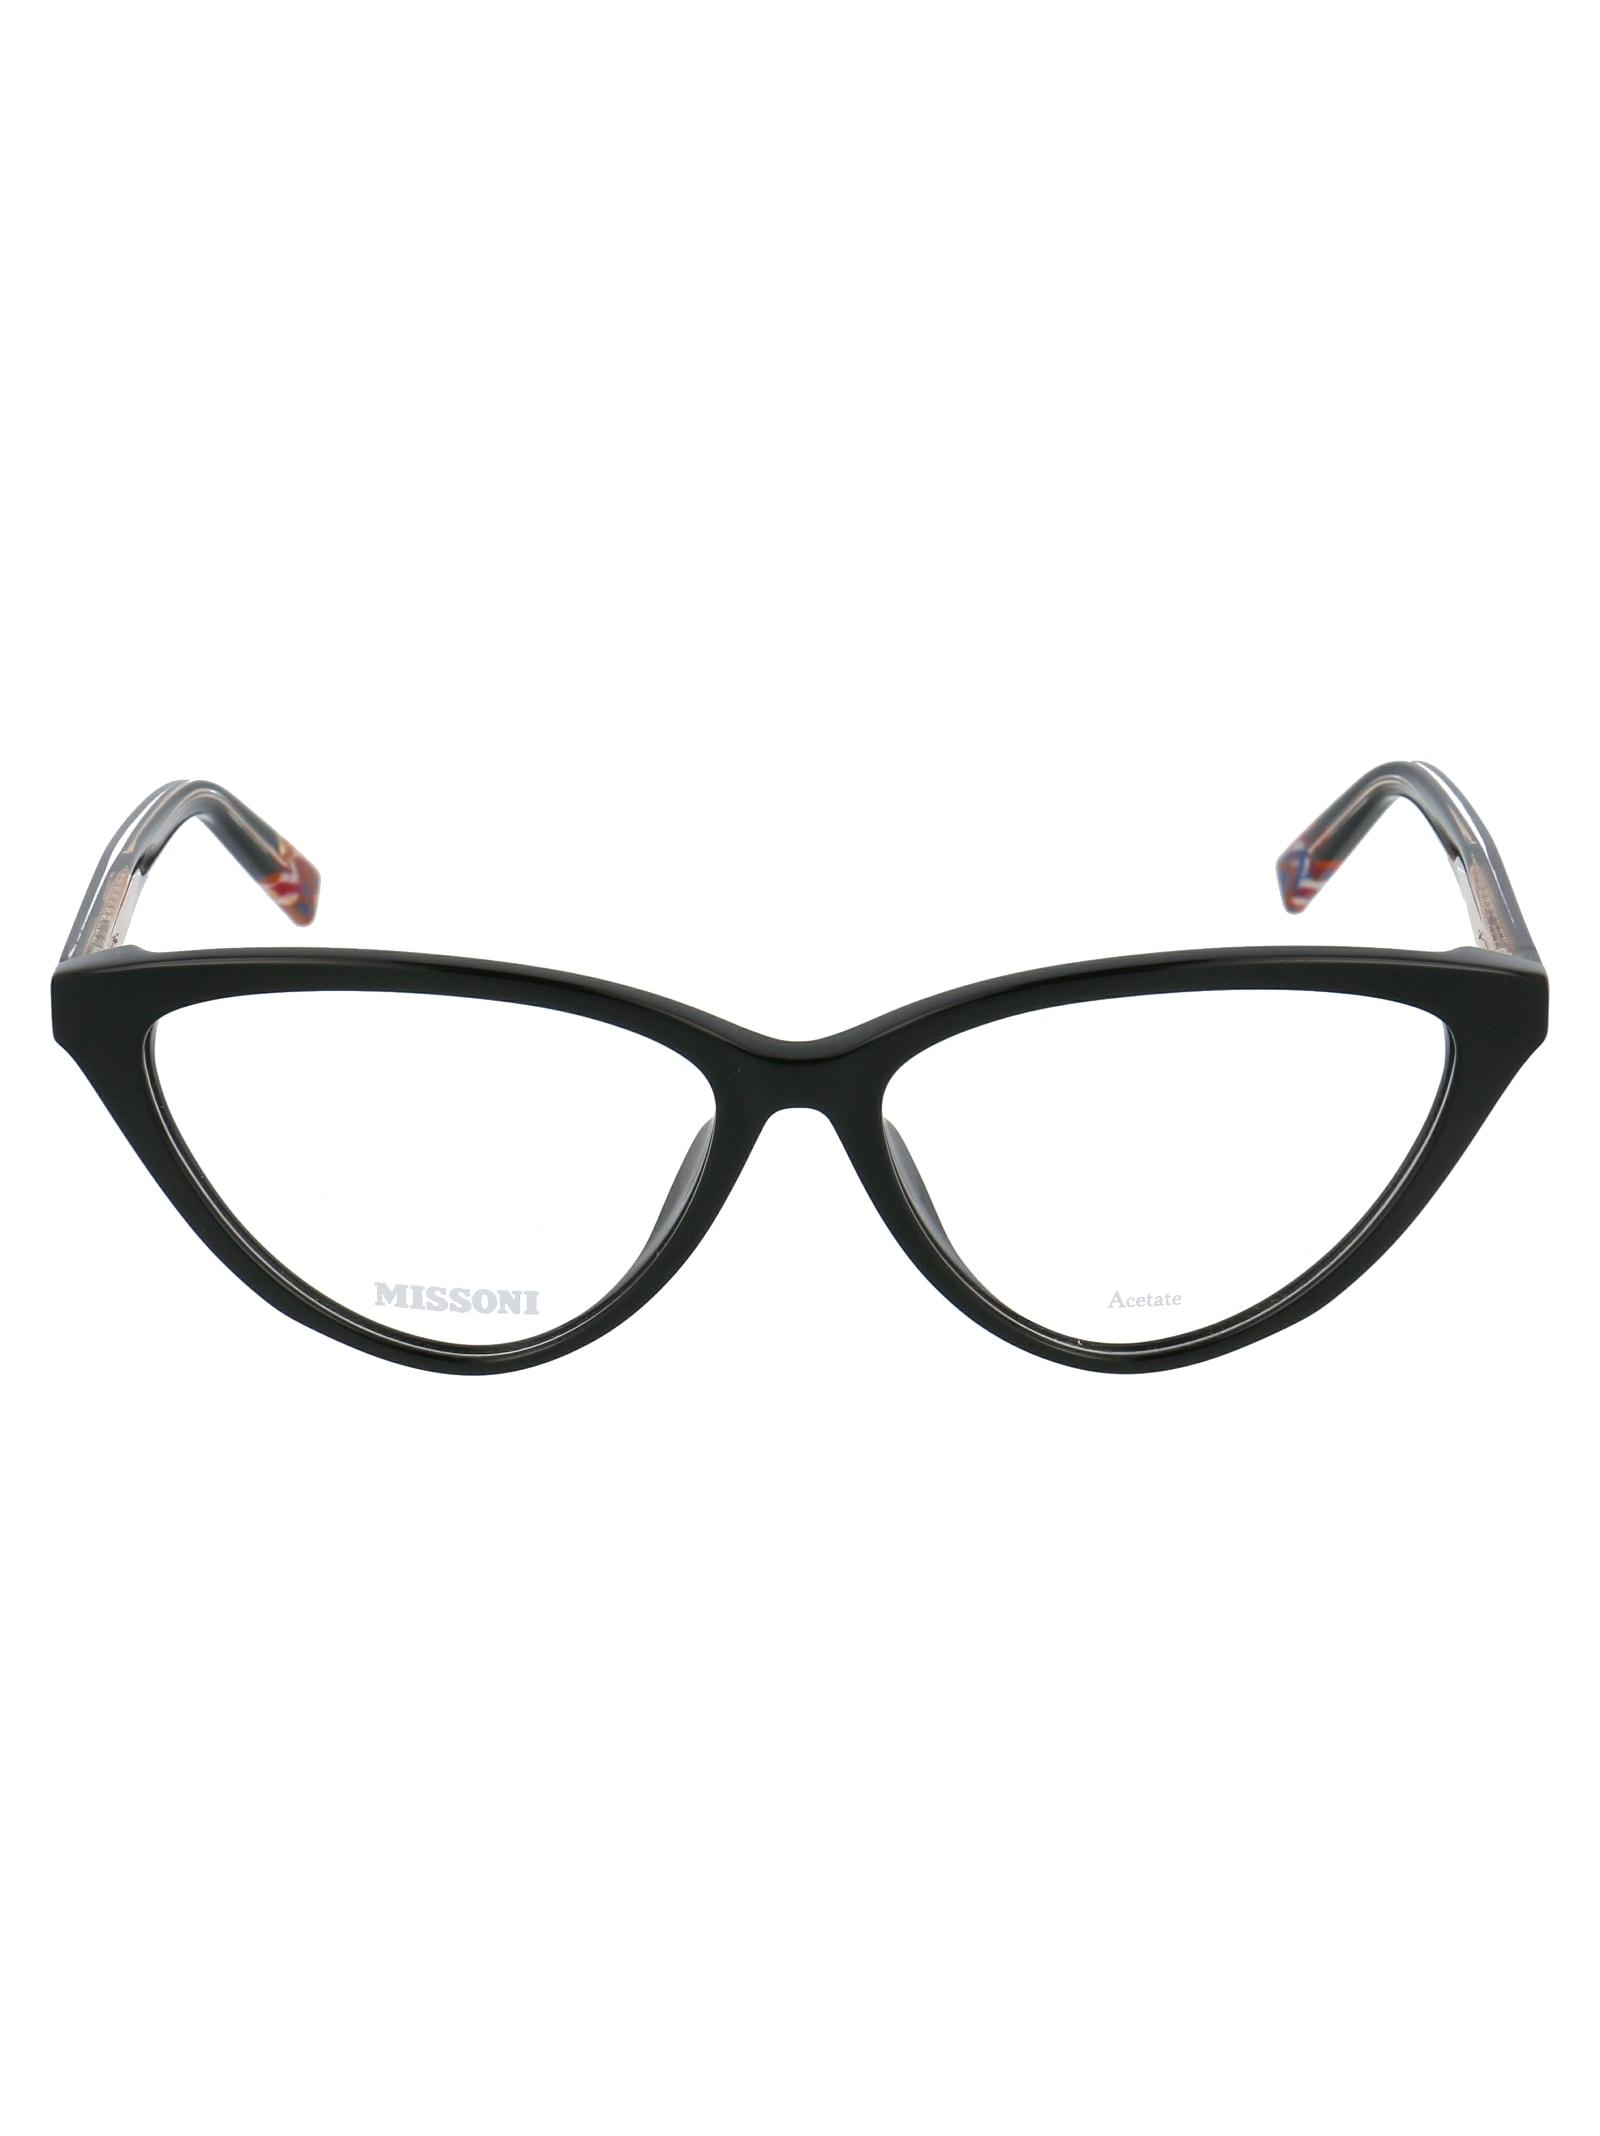 Mis 0011 Glasses